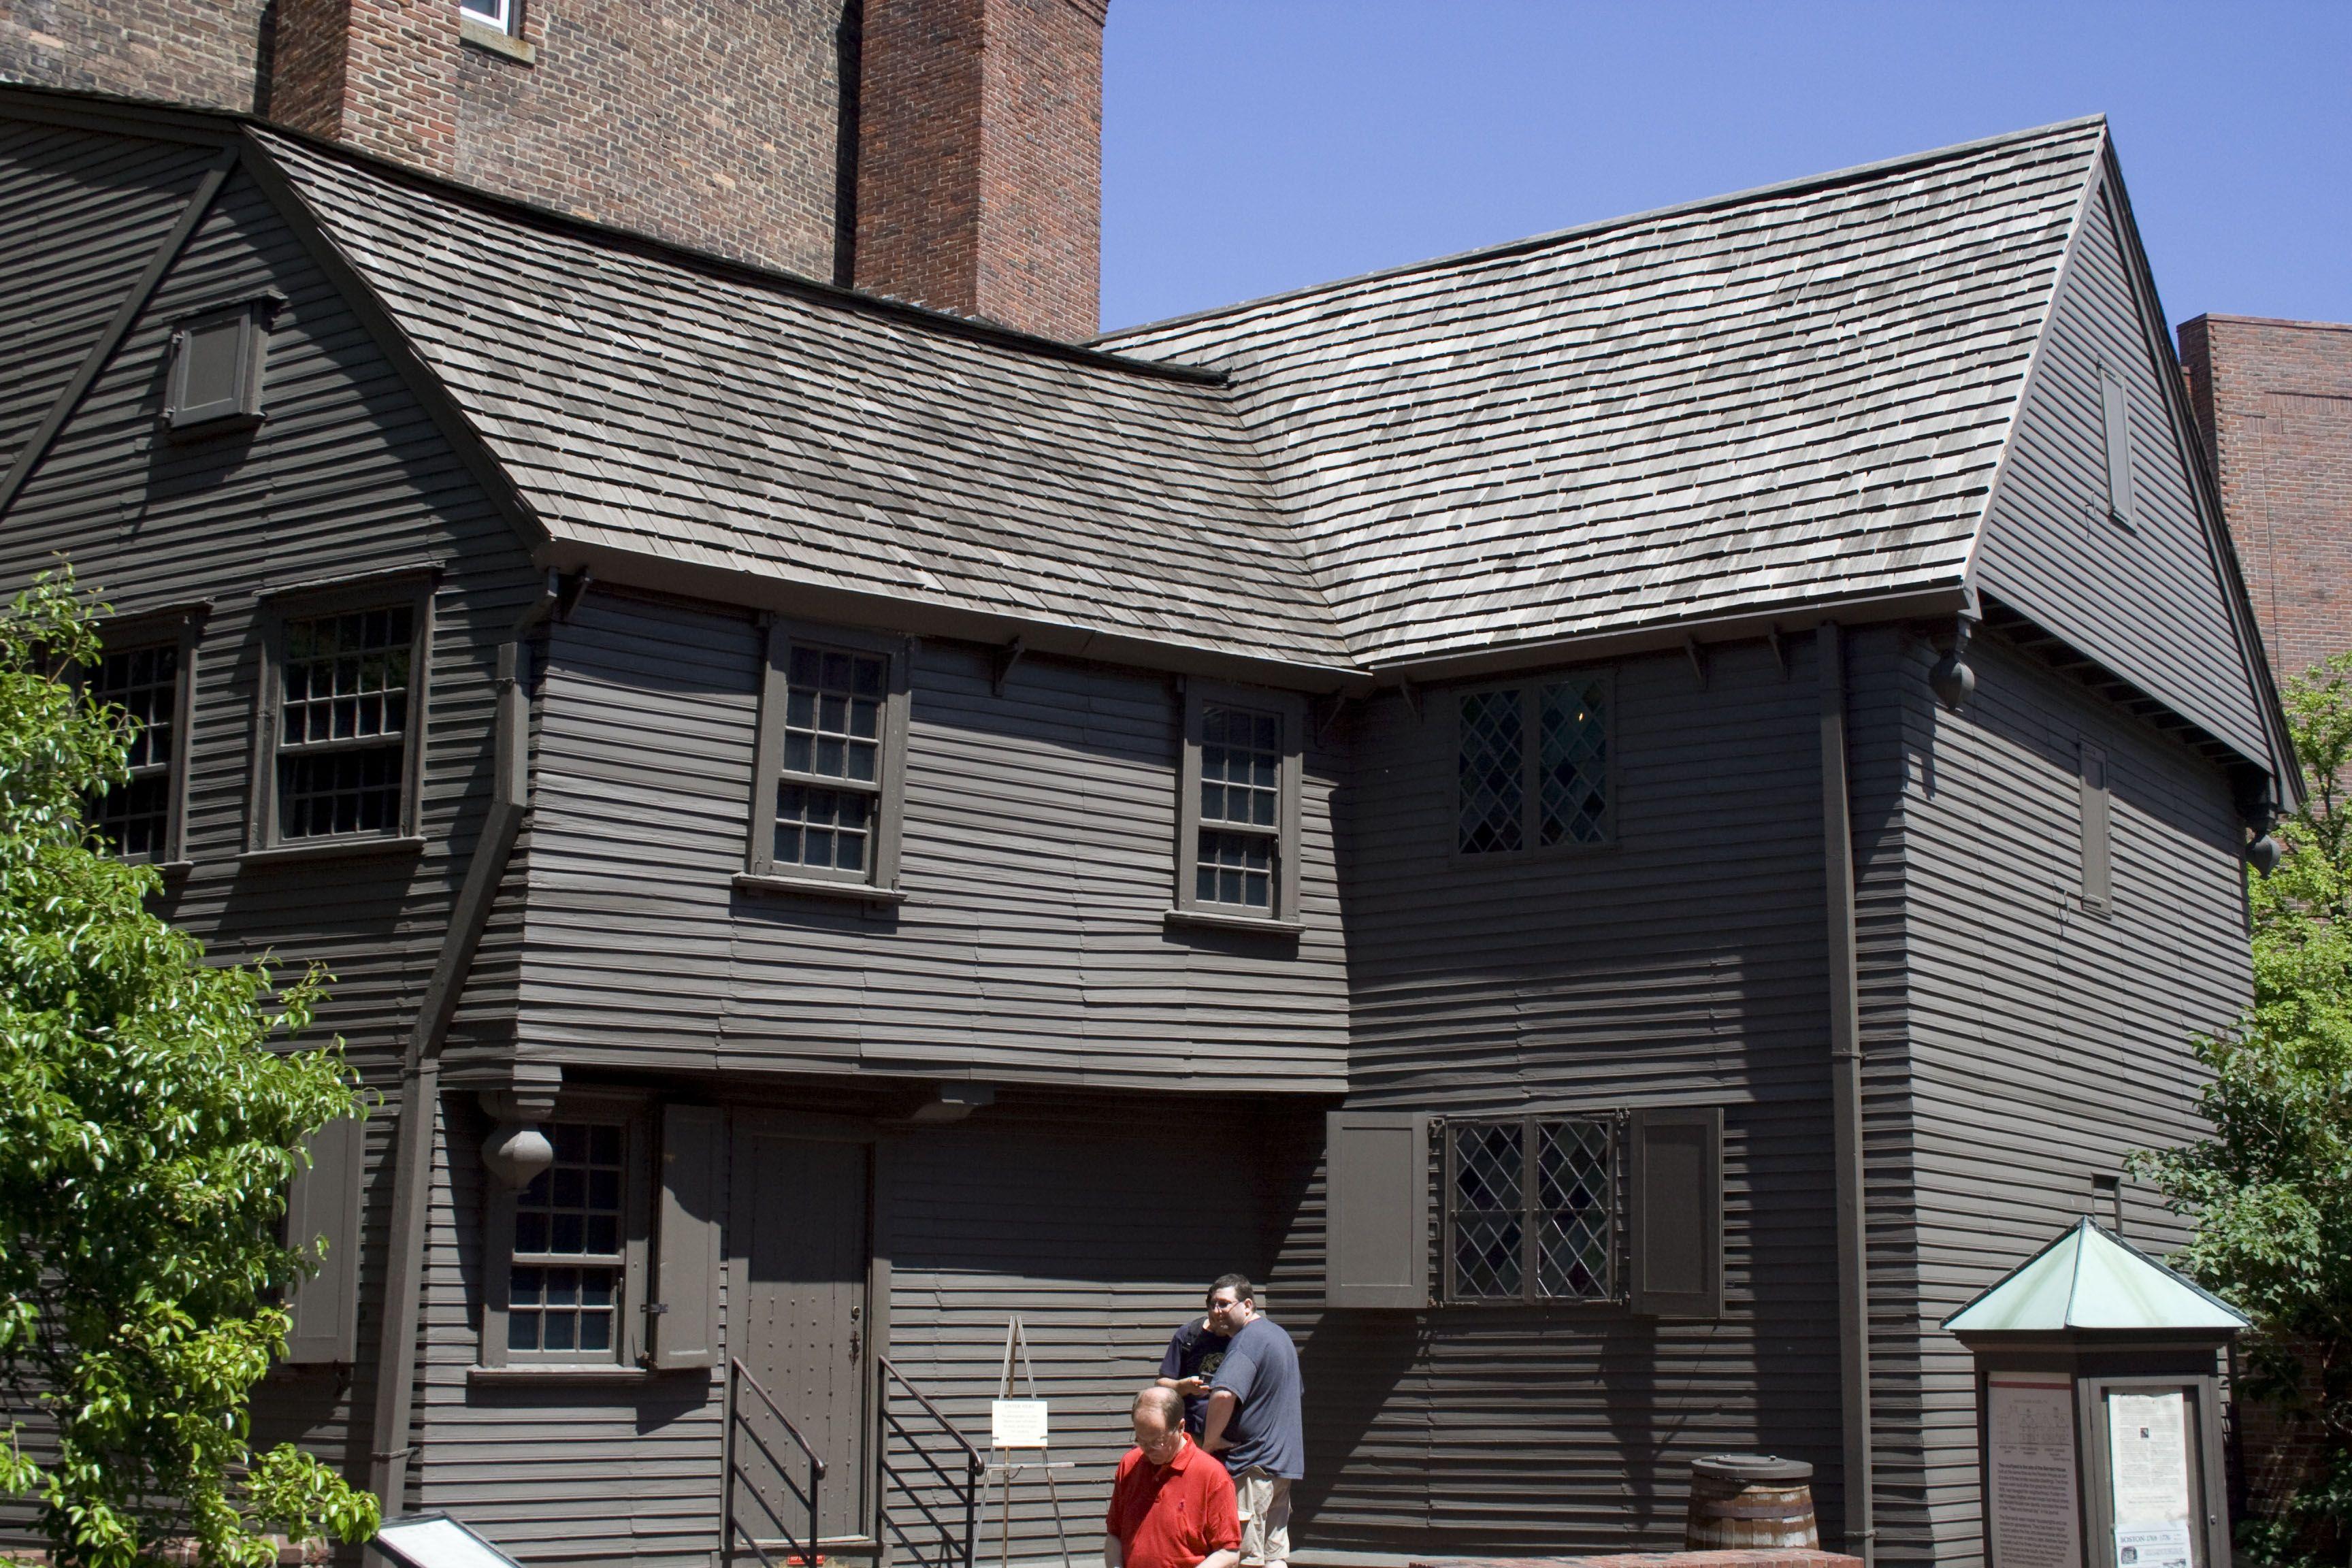 File:Paul Revere House K